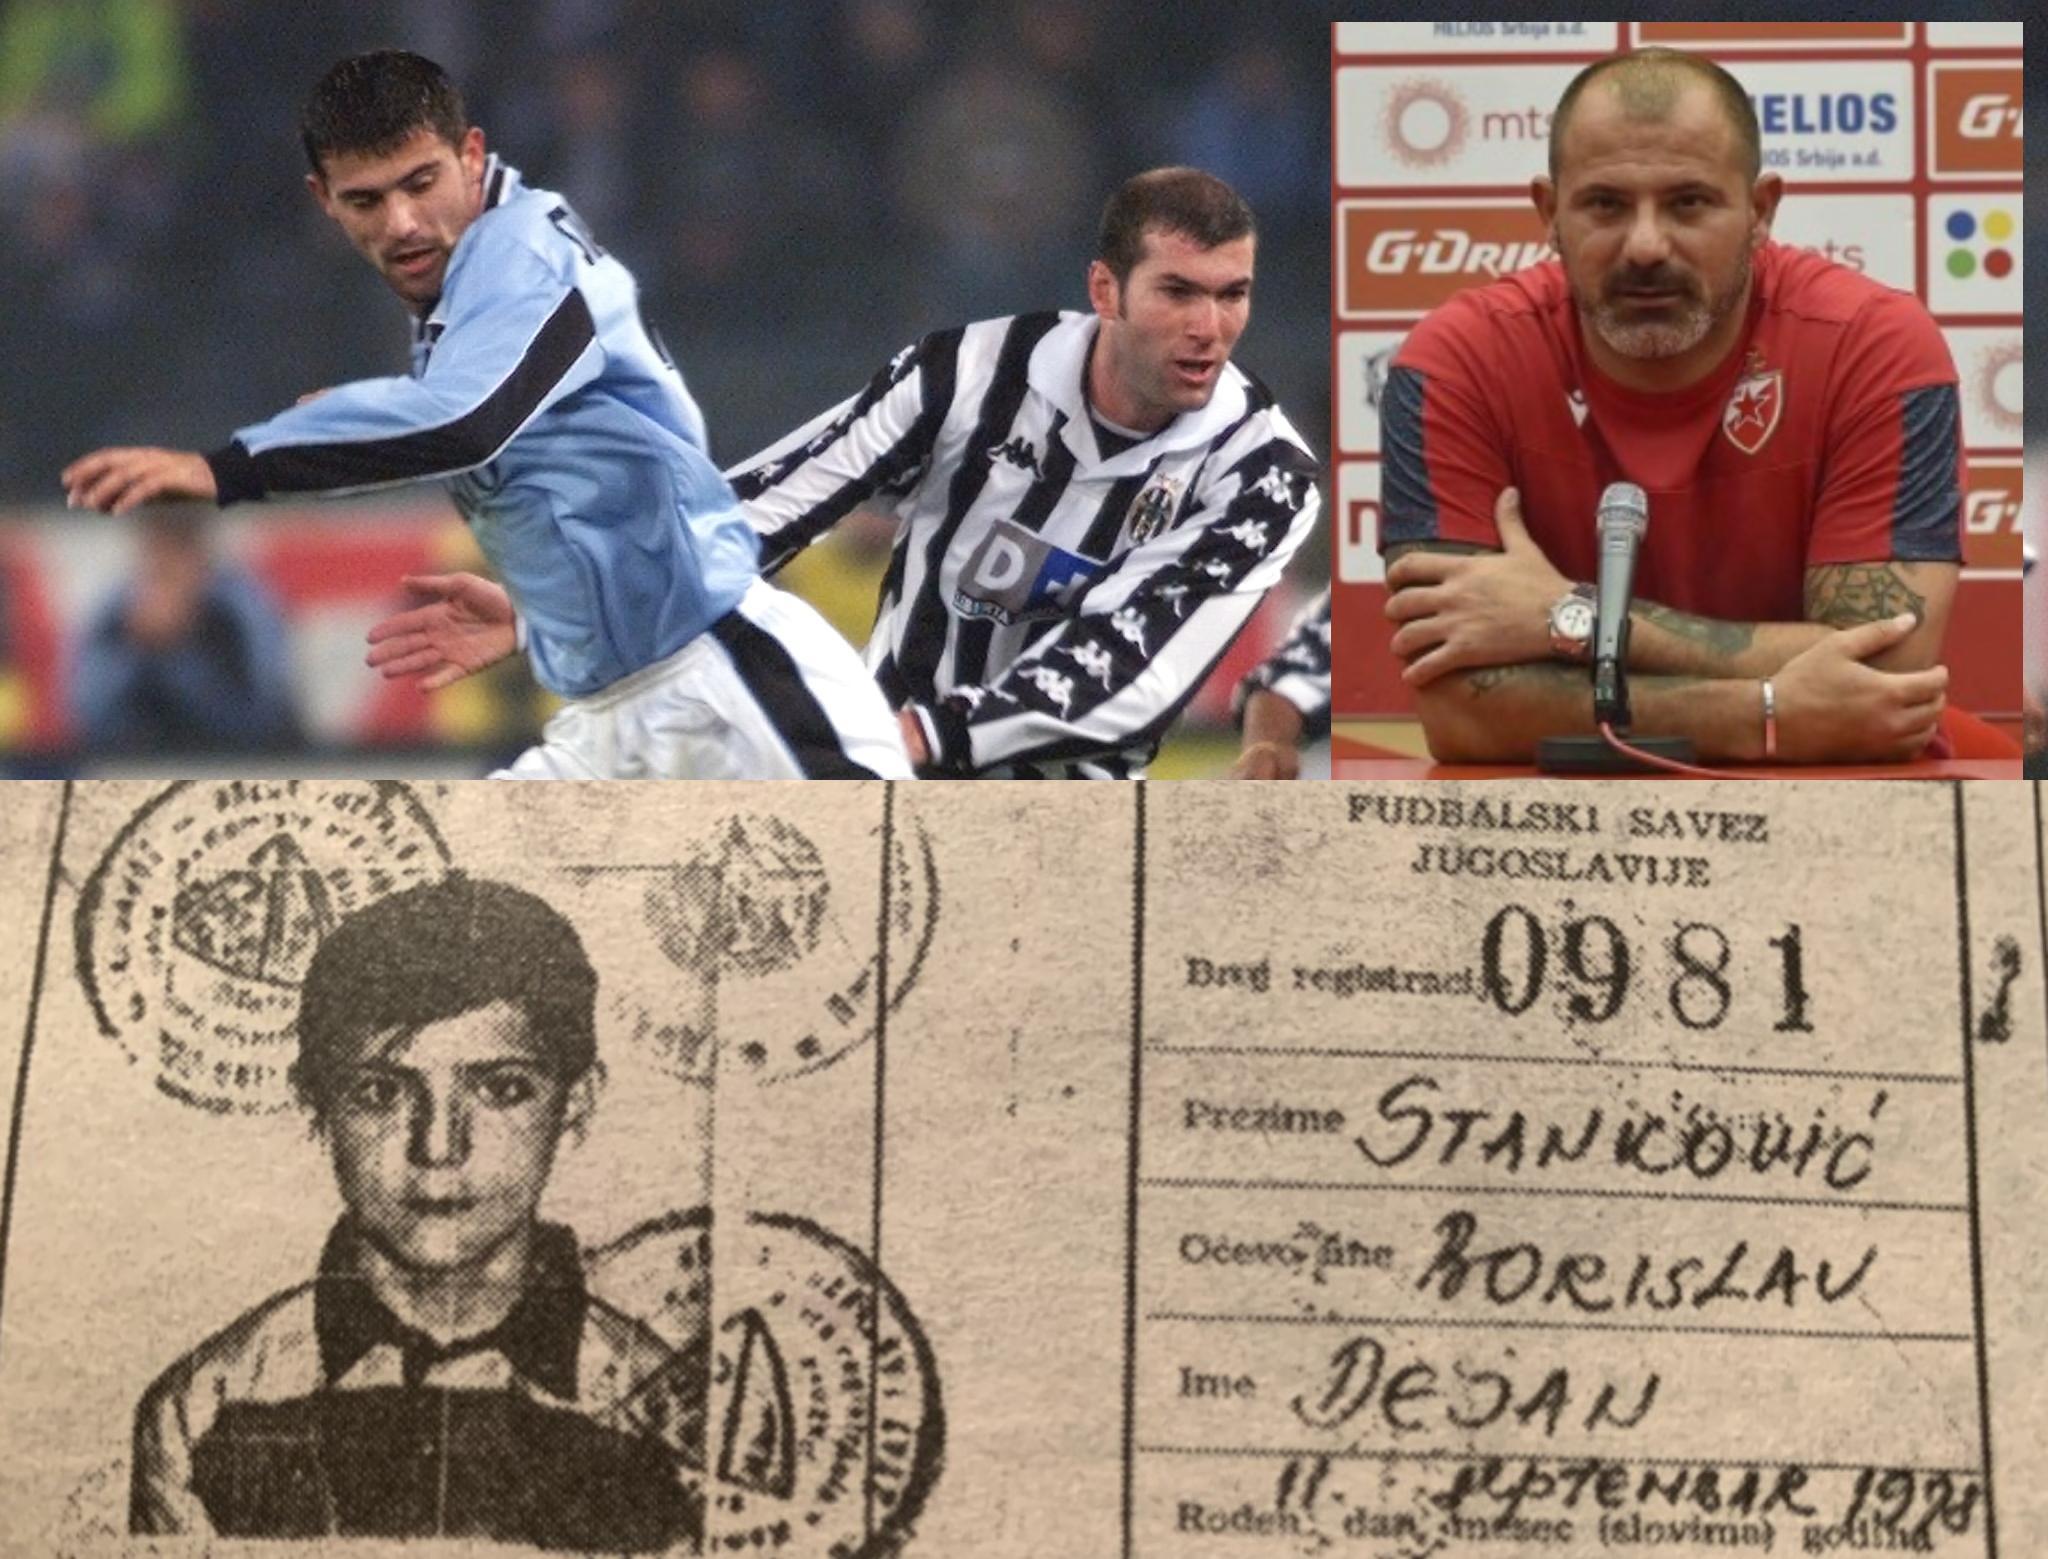 To je, brate, život! Ispričaću vam ZABORAVLJENU PRIČU: Dejan Stanković OD OTPISANOG do fudbalske ikone!